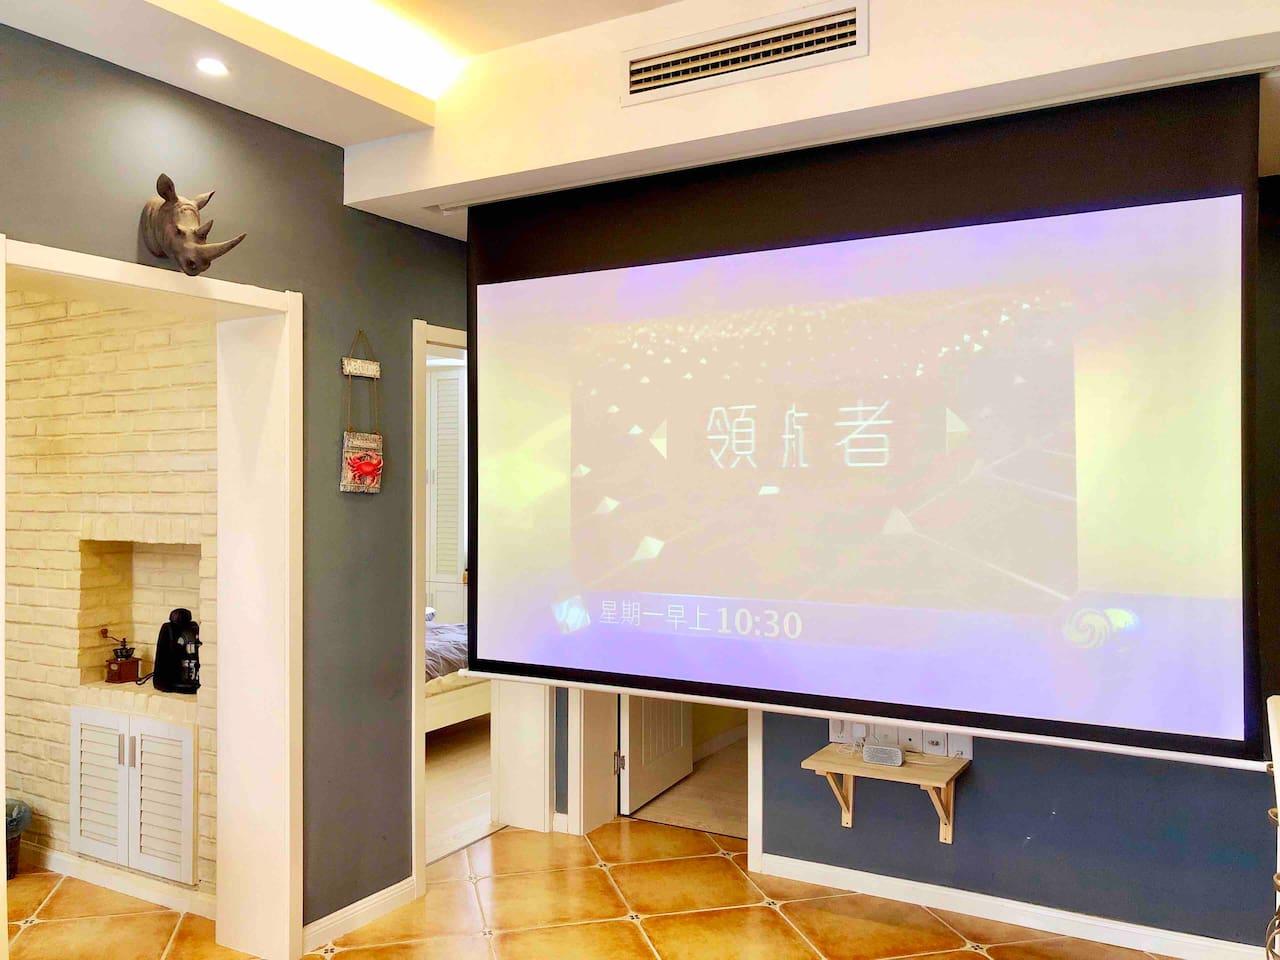 120英寸电动投影幕布,给您影院般的体验。观看时只要按下遥控幕布便会缓缓降下,不看时又可以升起给您更大客厅空间。